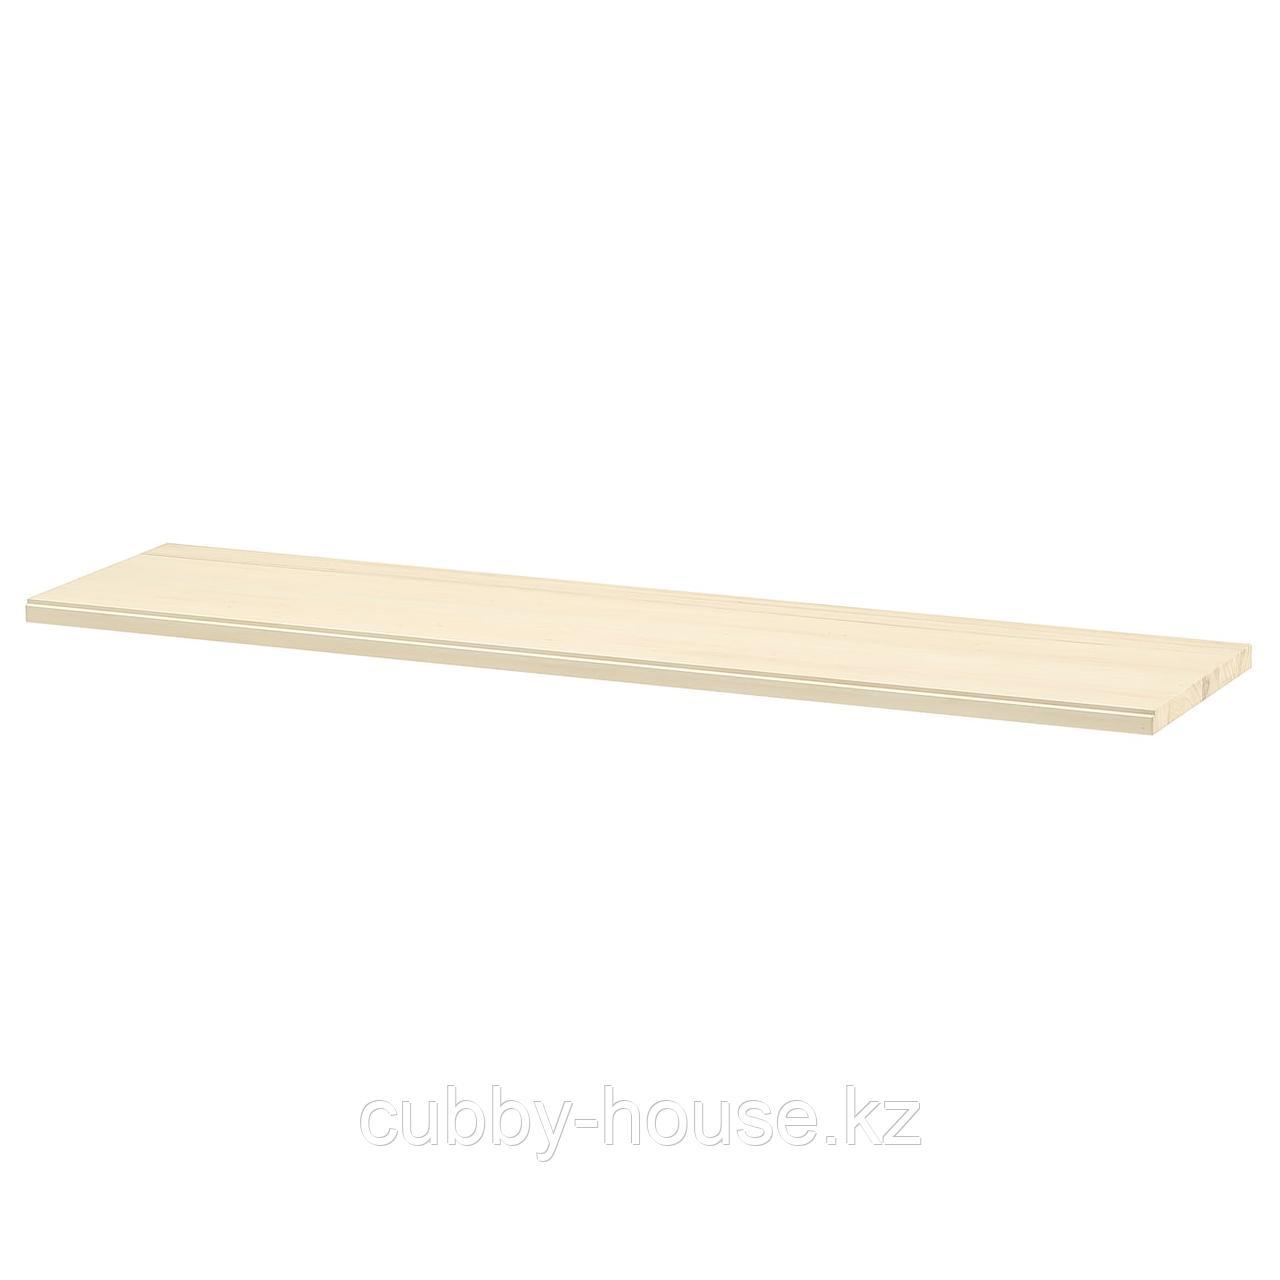 ТРАНГУЛЬТ Полка, осина/белая морилка, 120x30 см